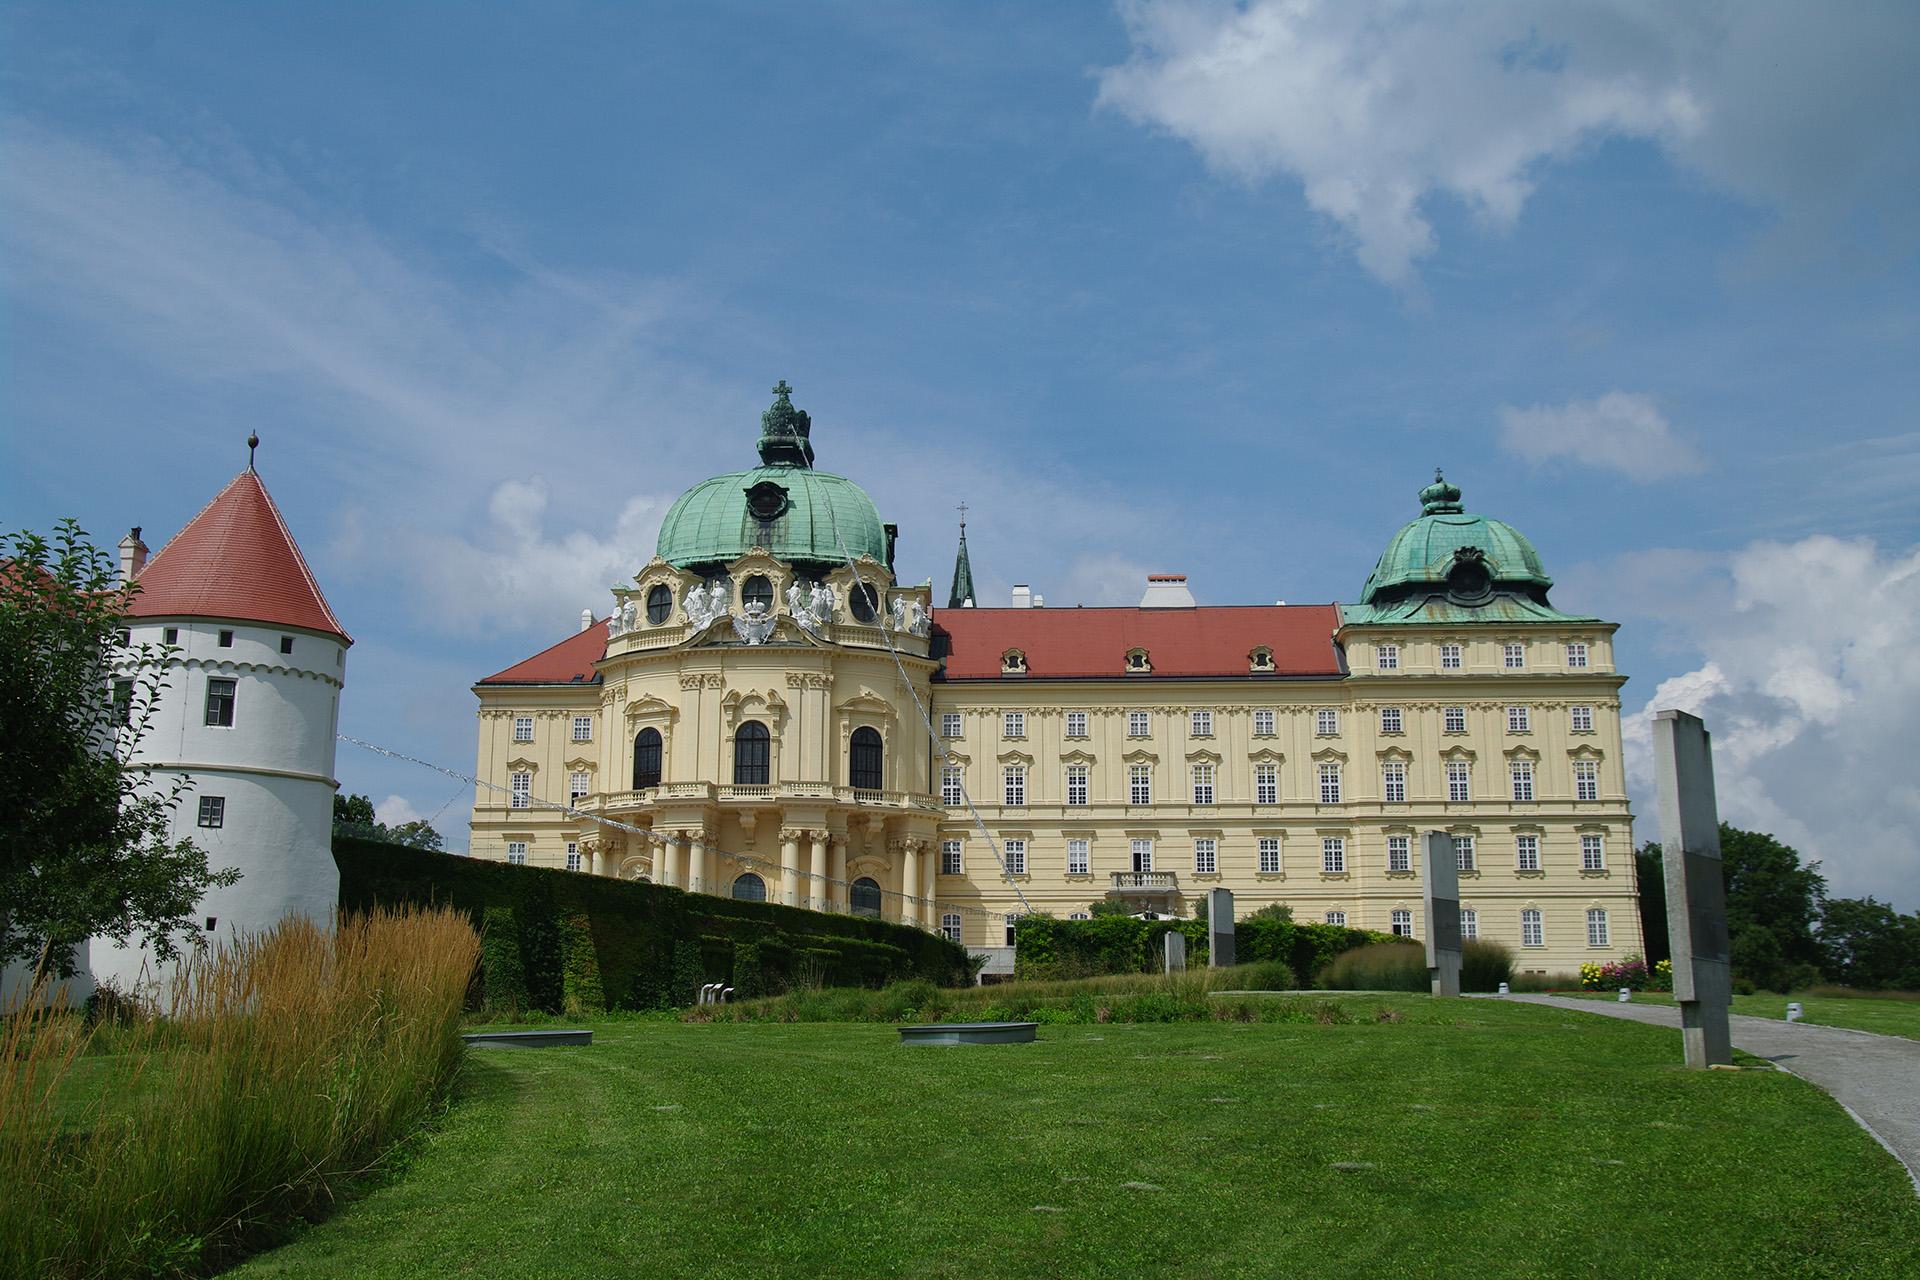 Stift Kloster Neuburg